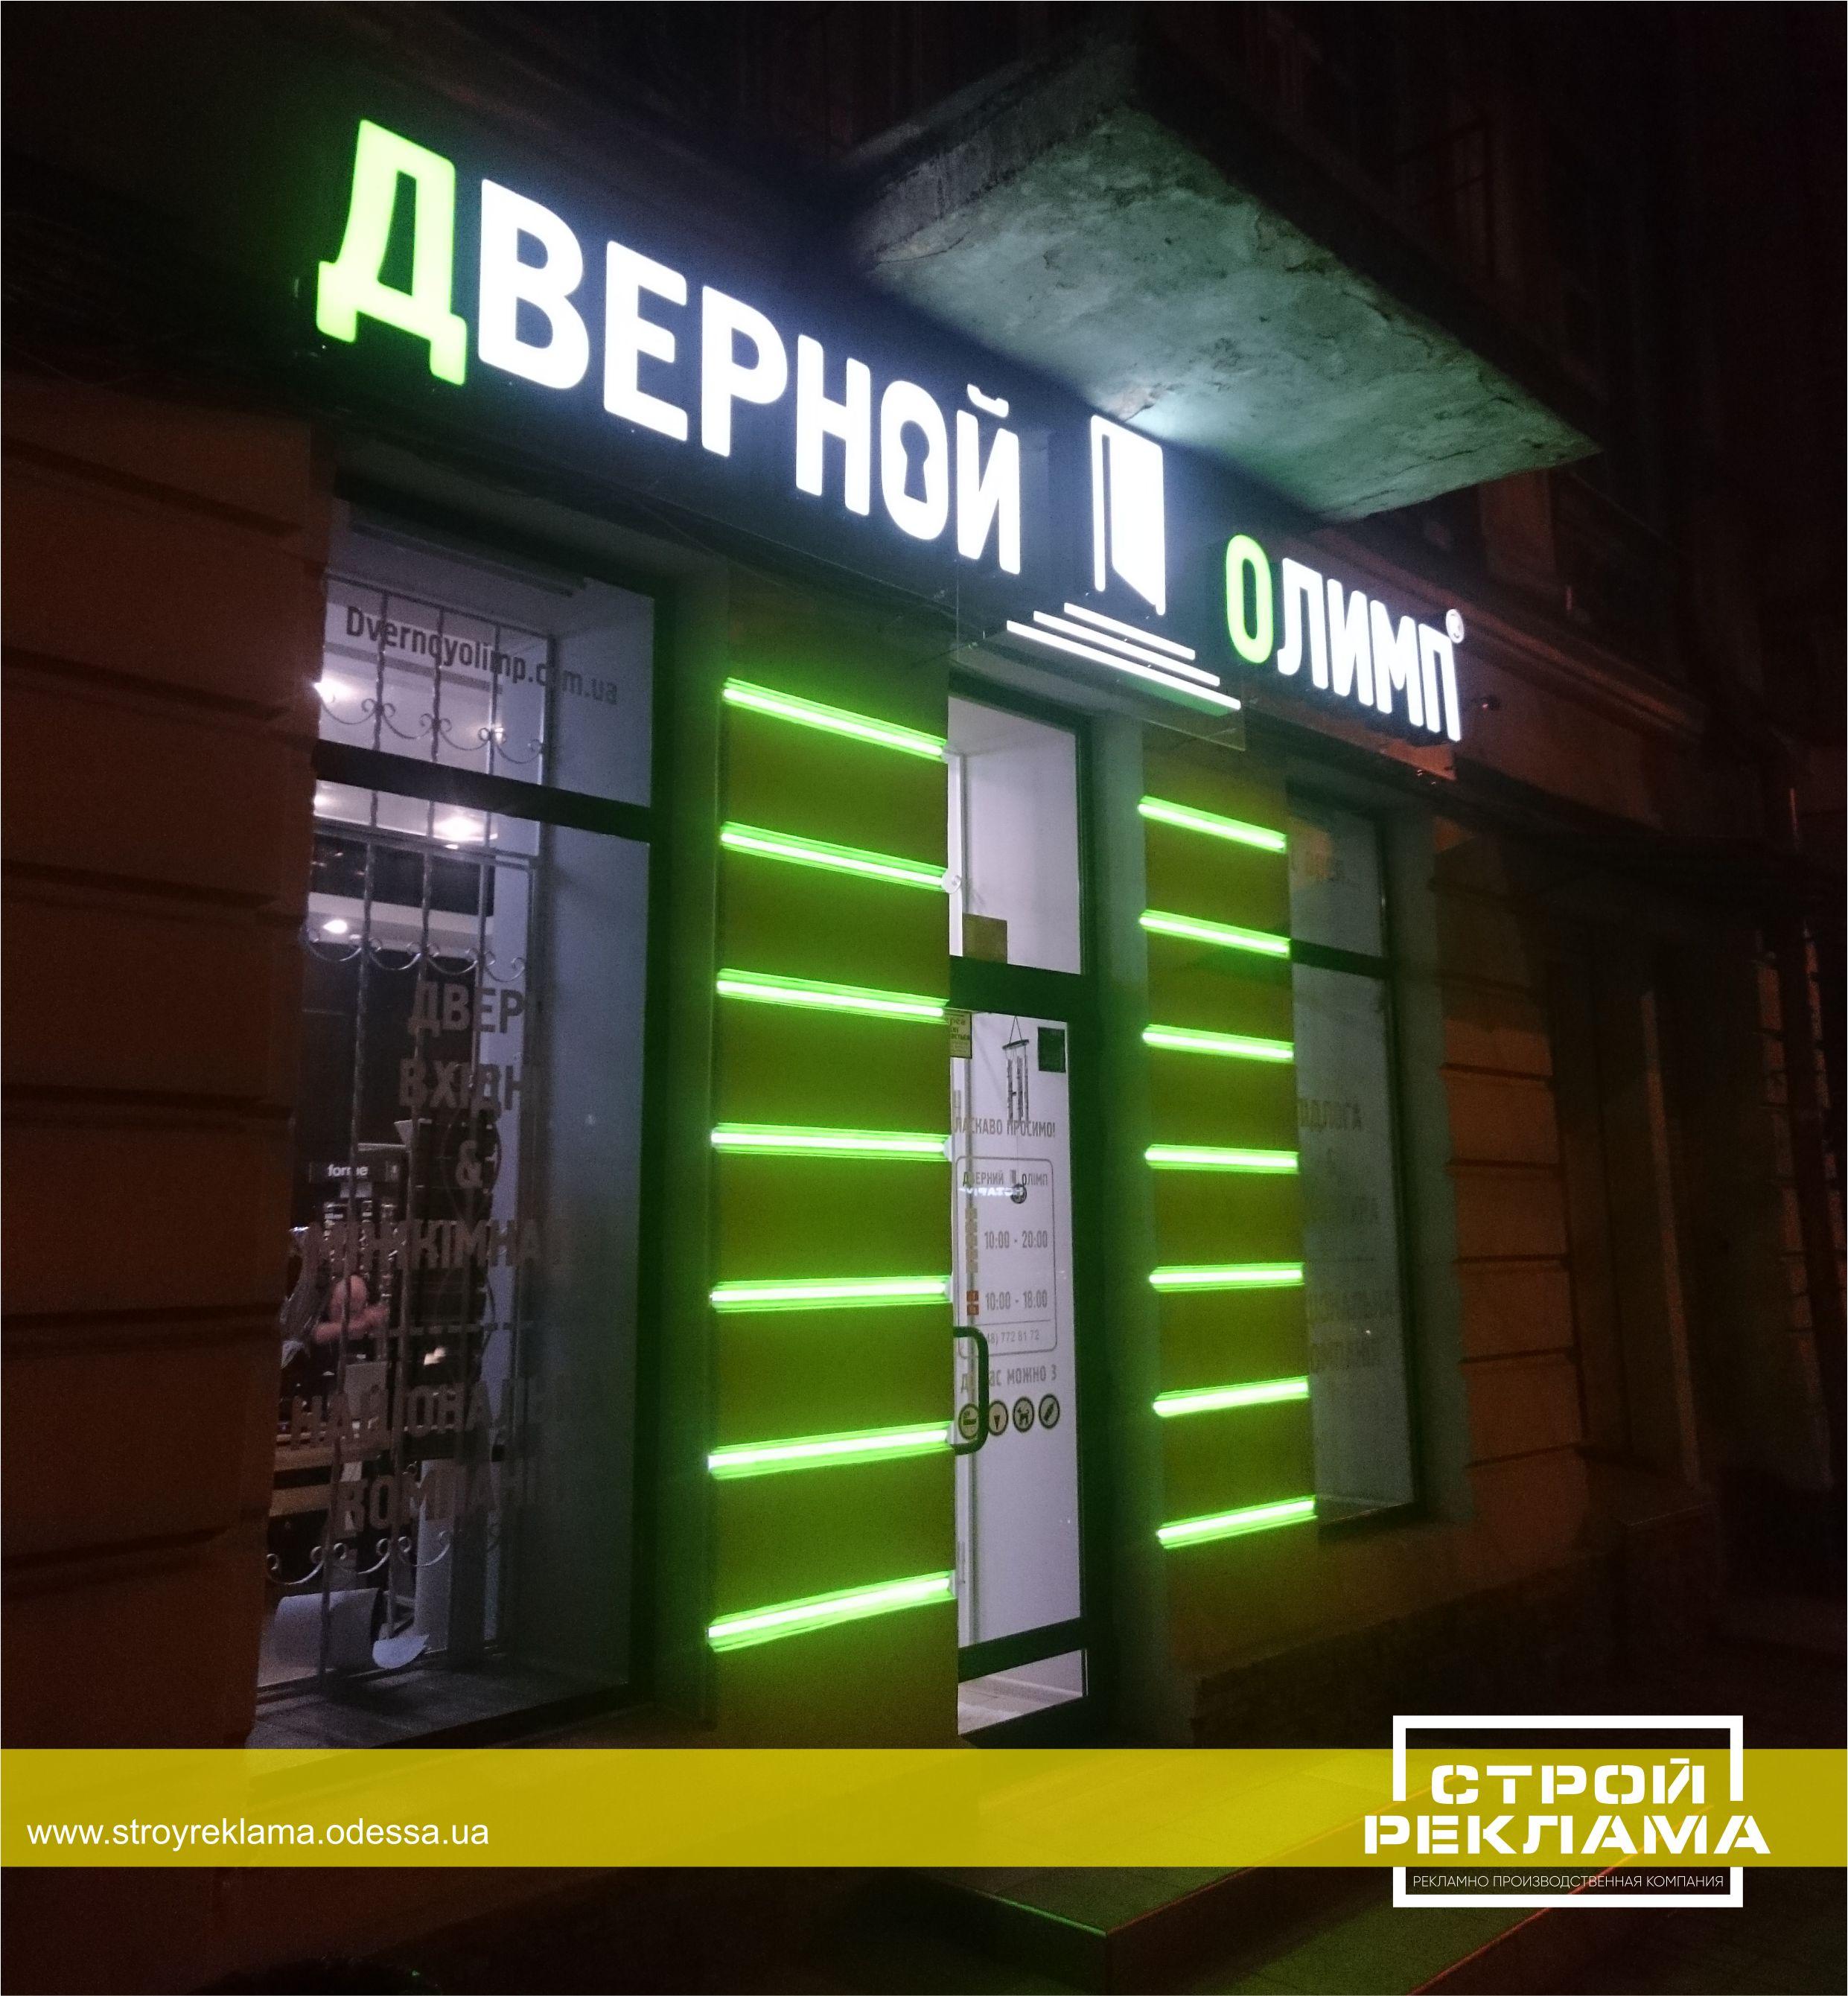 Наружная реклама в Одессе